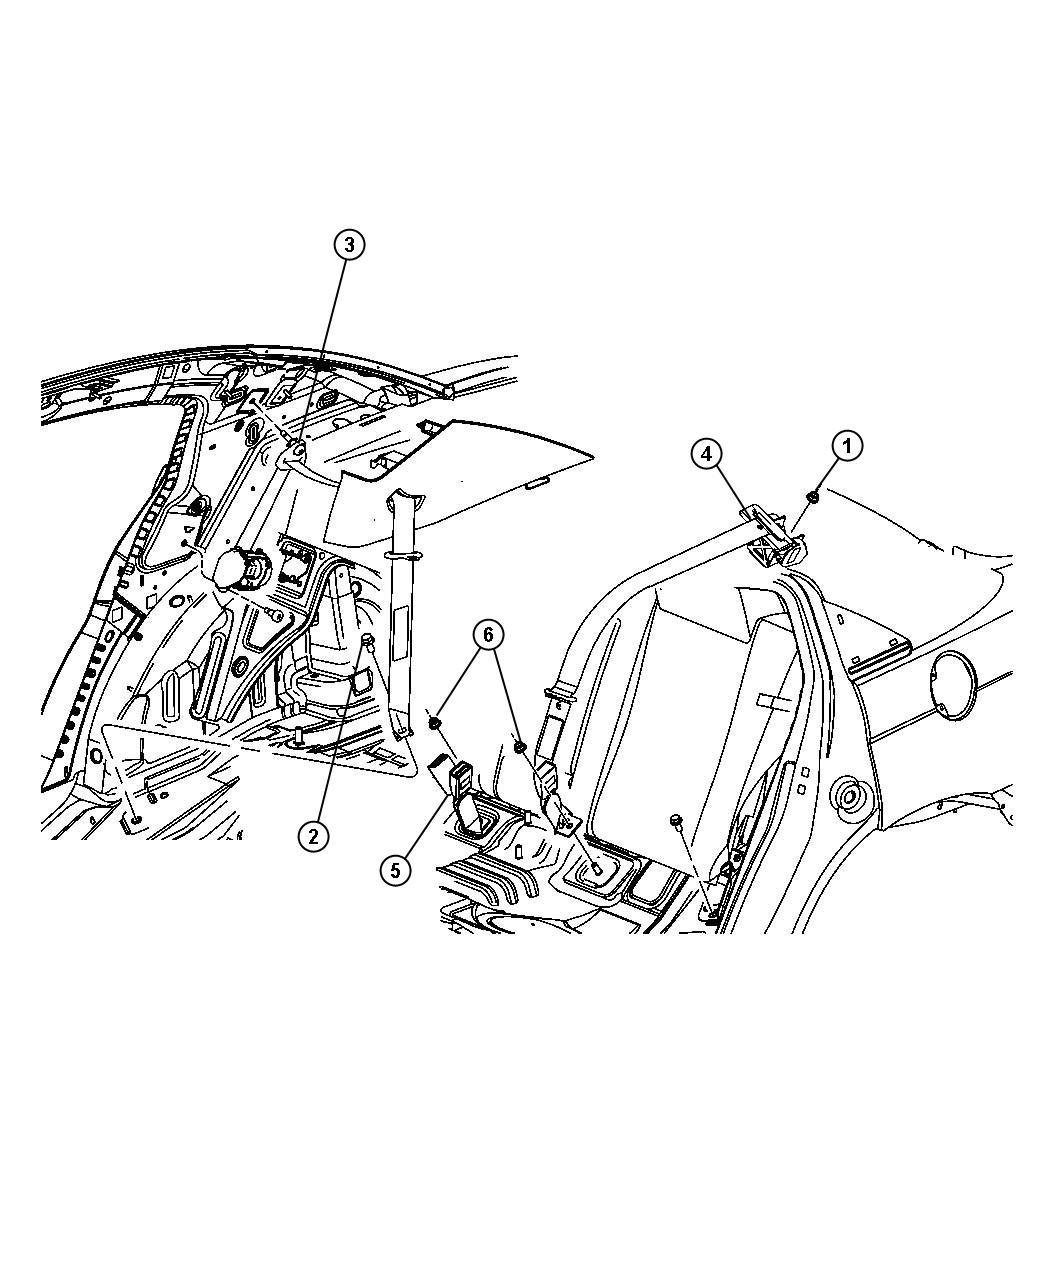 2010 Chrysler Sebring Seat Belt  Retractor  Right   Dv  E